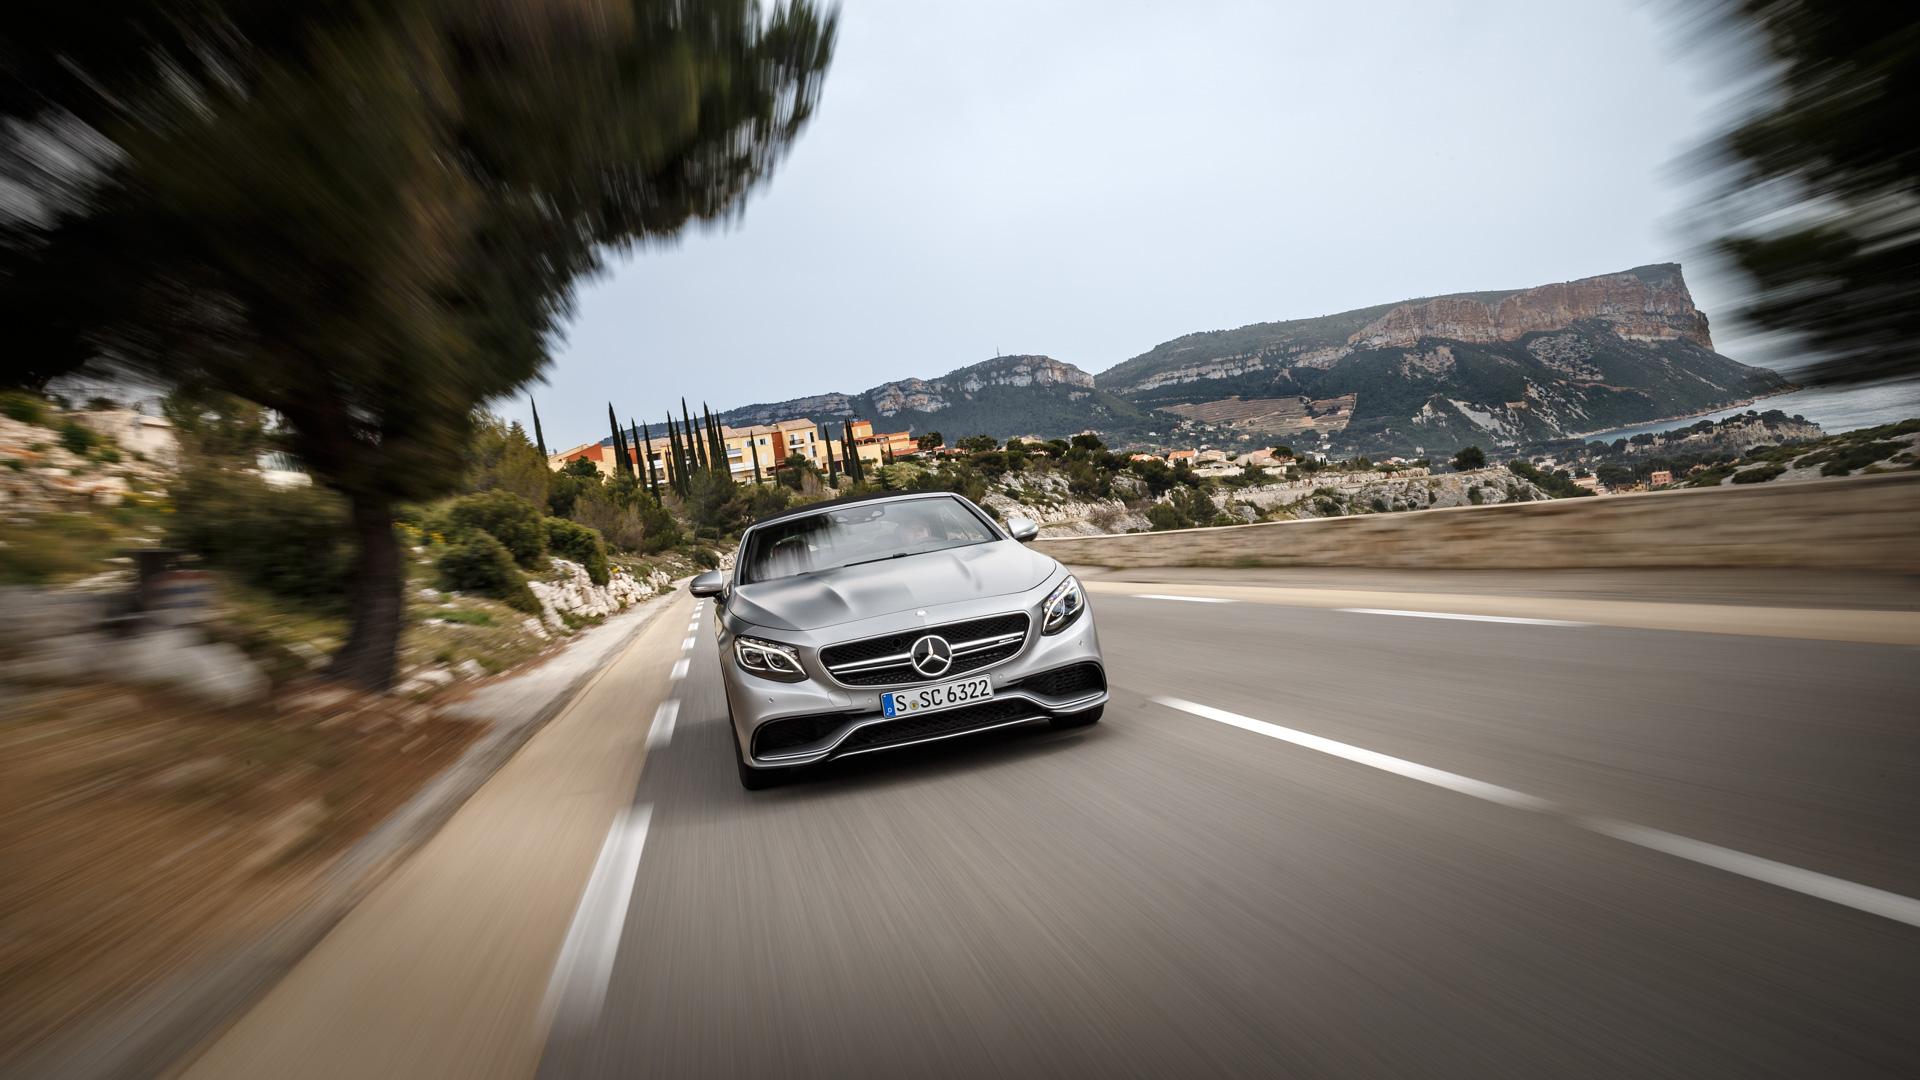 Mercedes-Benz S-Class Cabriolet как еще один повод уволить водителя ипереехать наюг. Фото 5